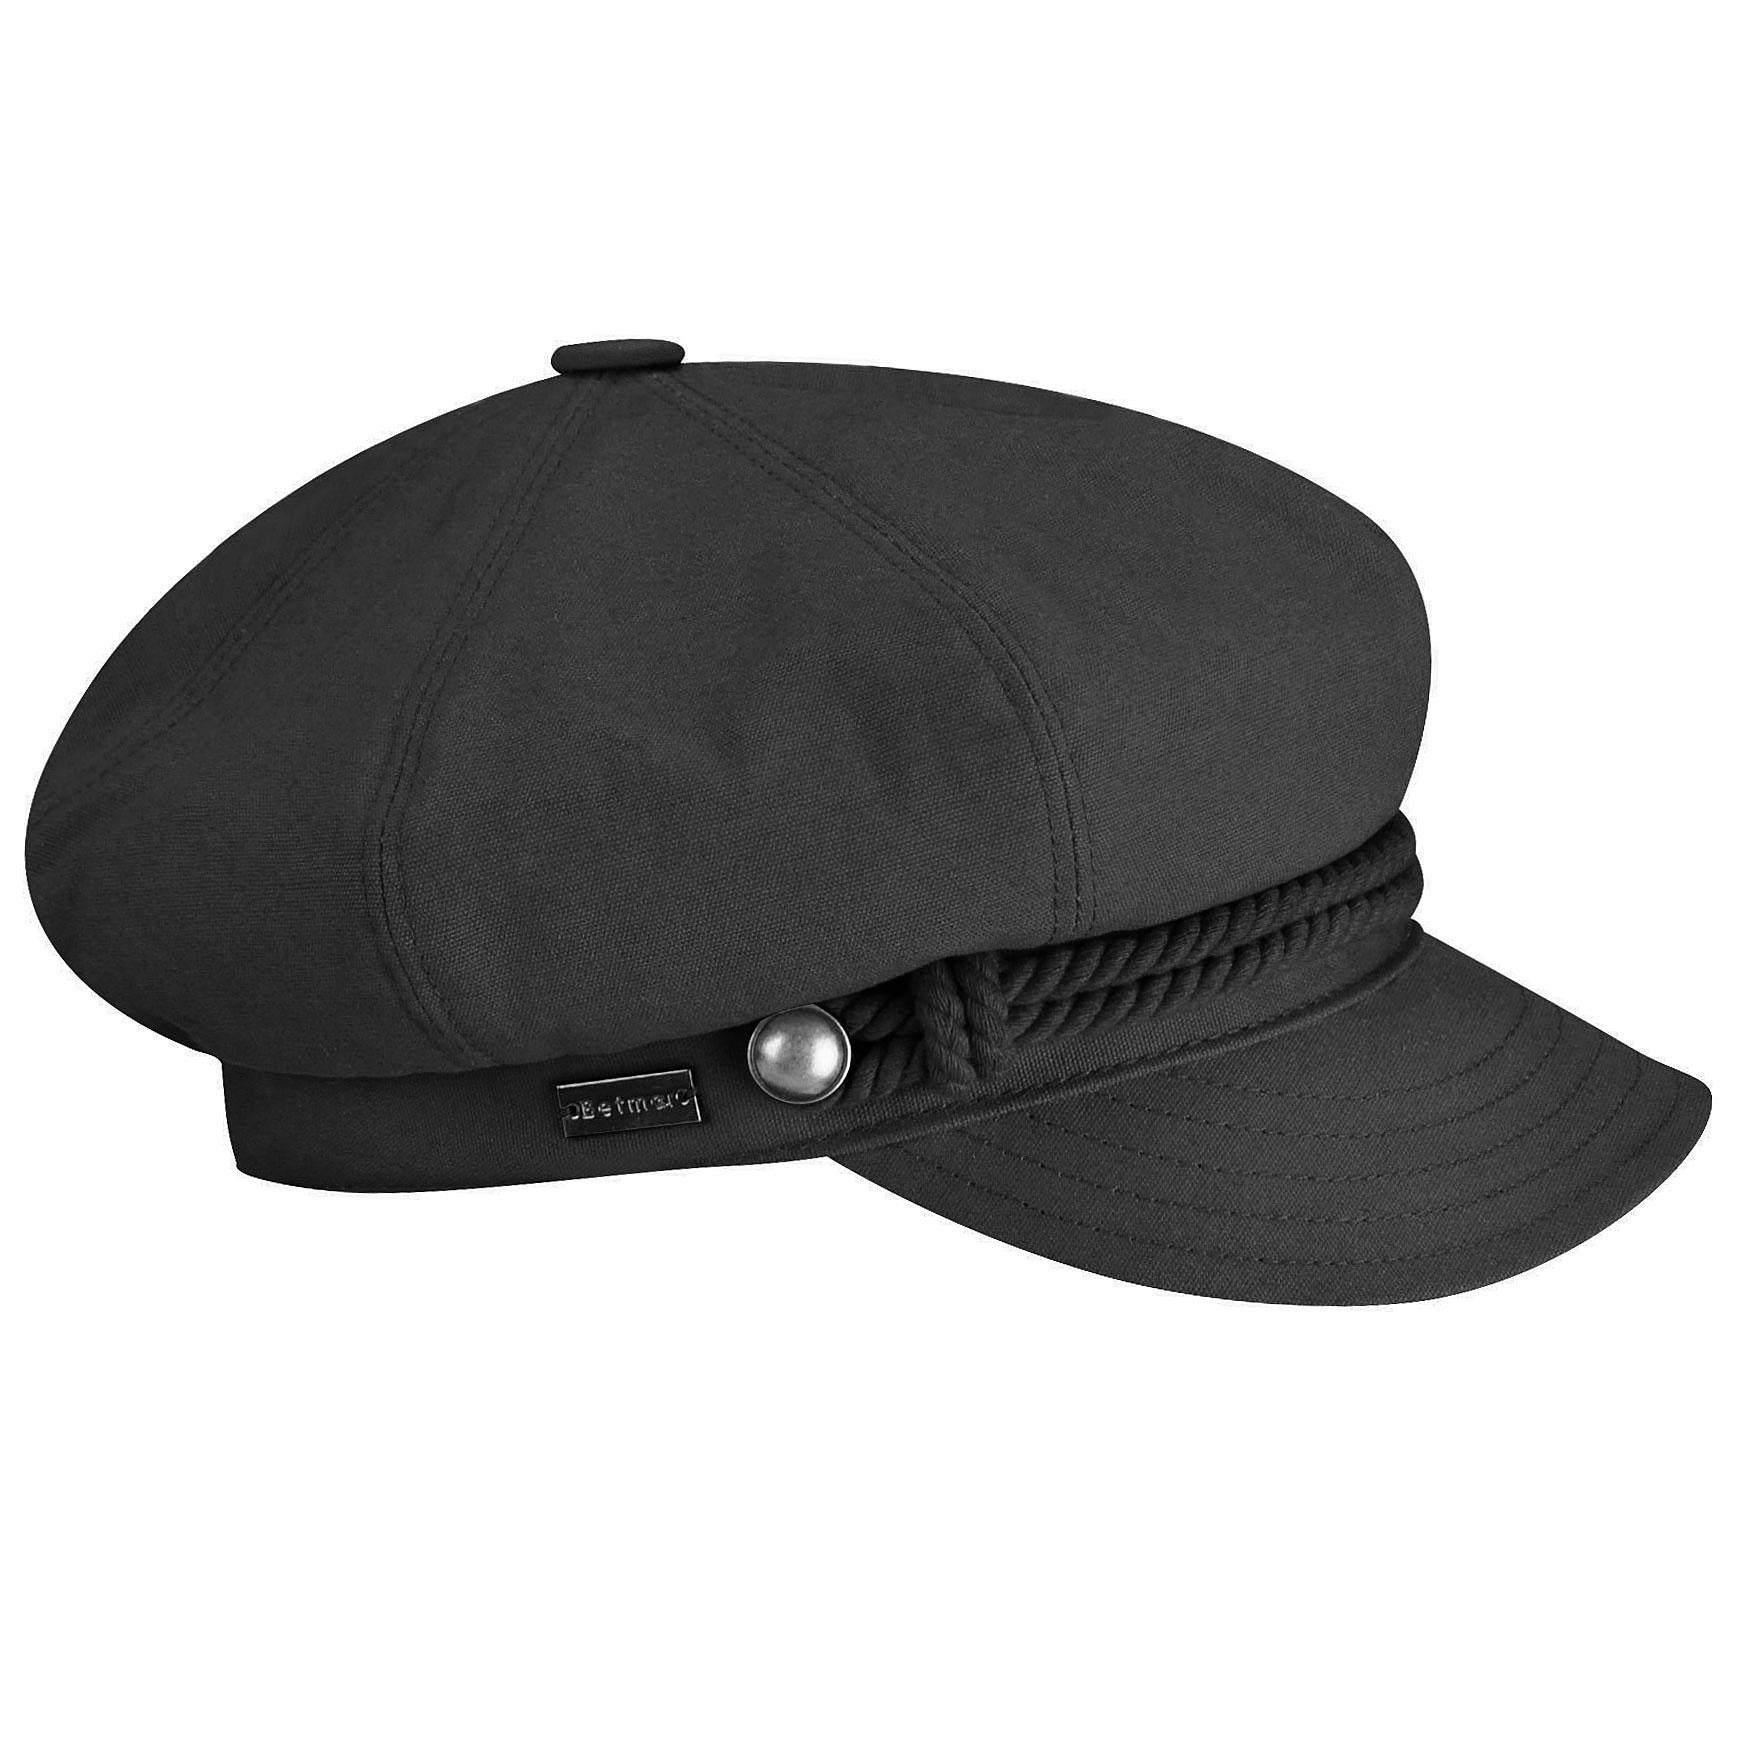 Betmar Fisherman Cap in Black